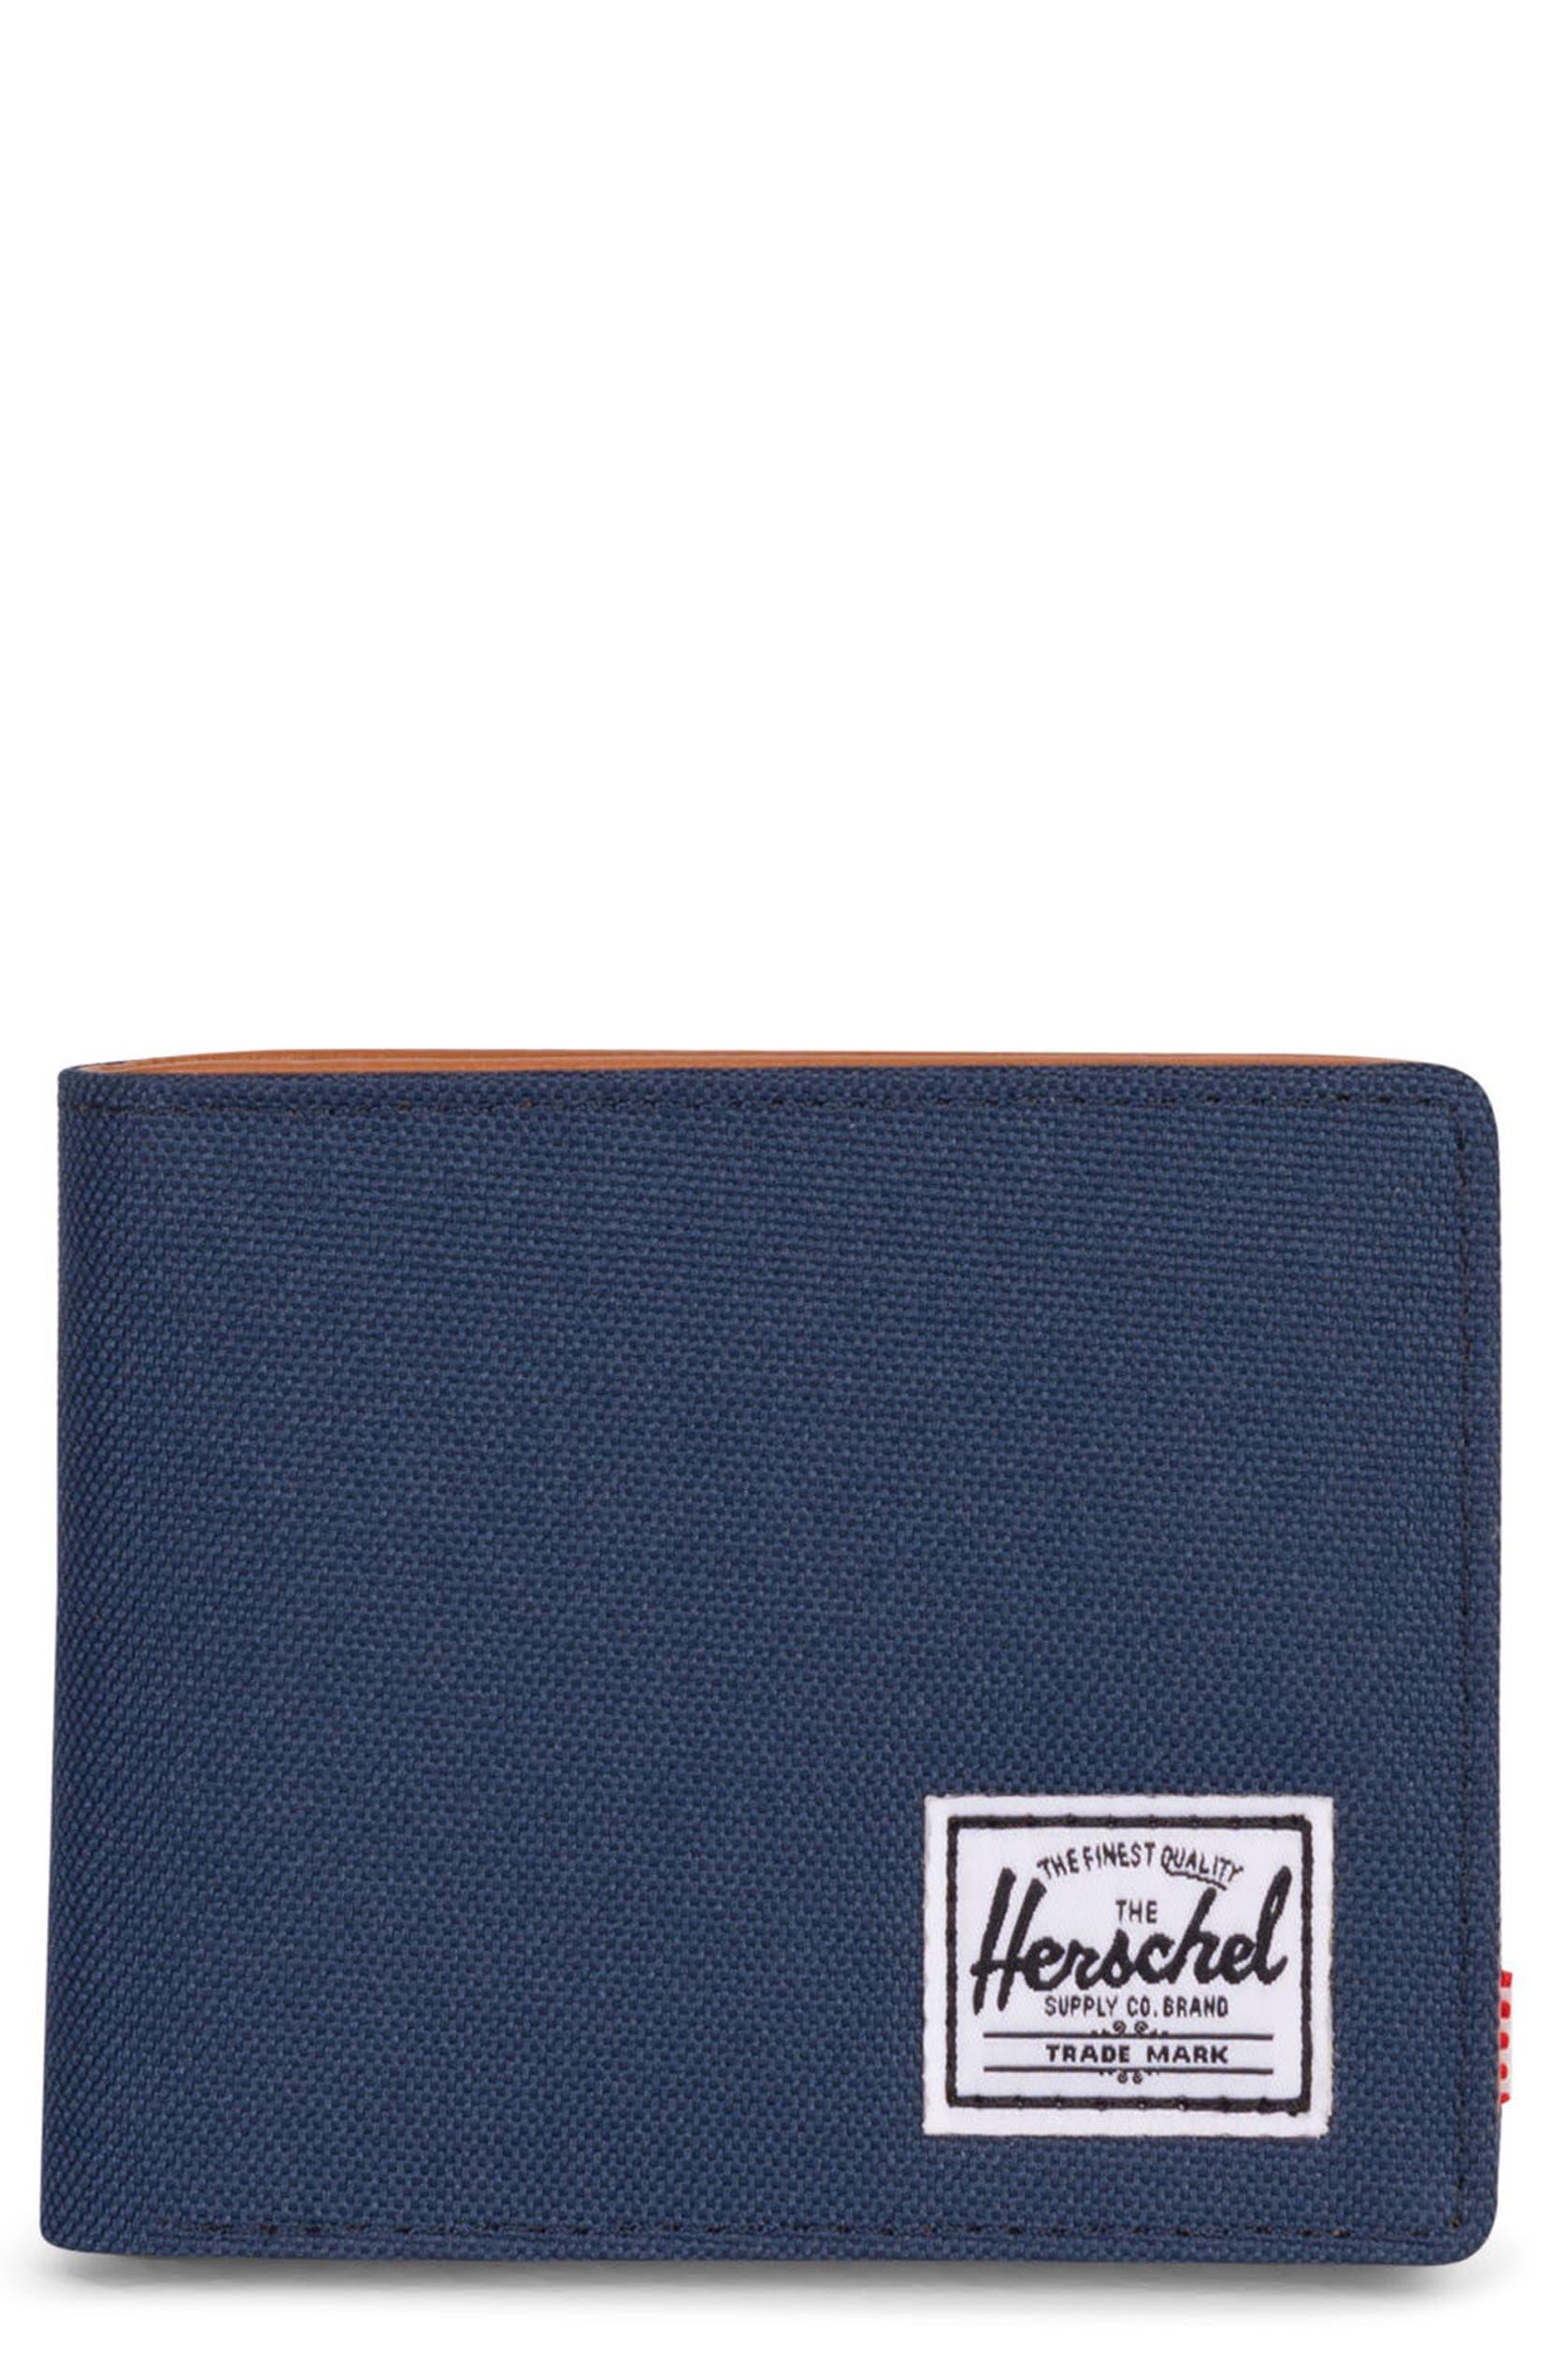 f4eda19781f2 Herschel Supply Co. Hank RFID Bifold Wallet | Nordstrom